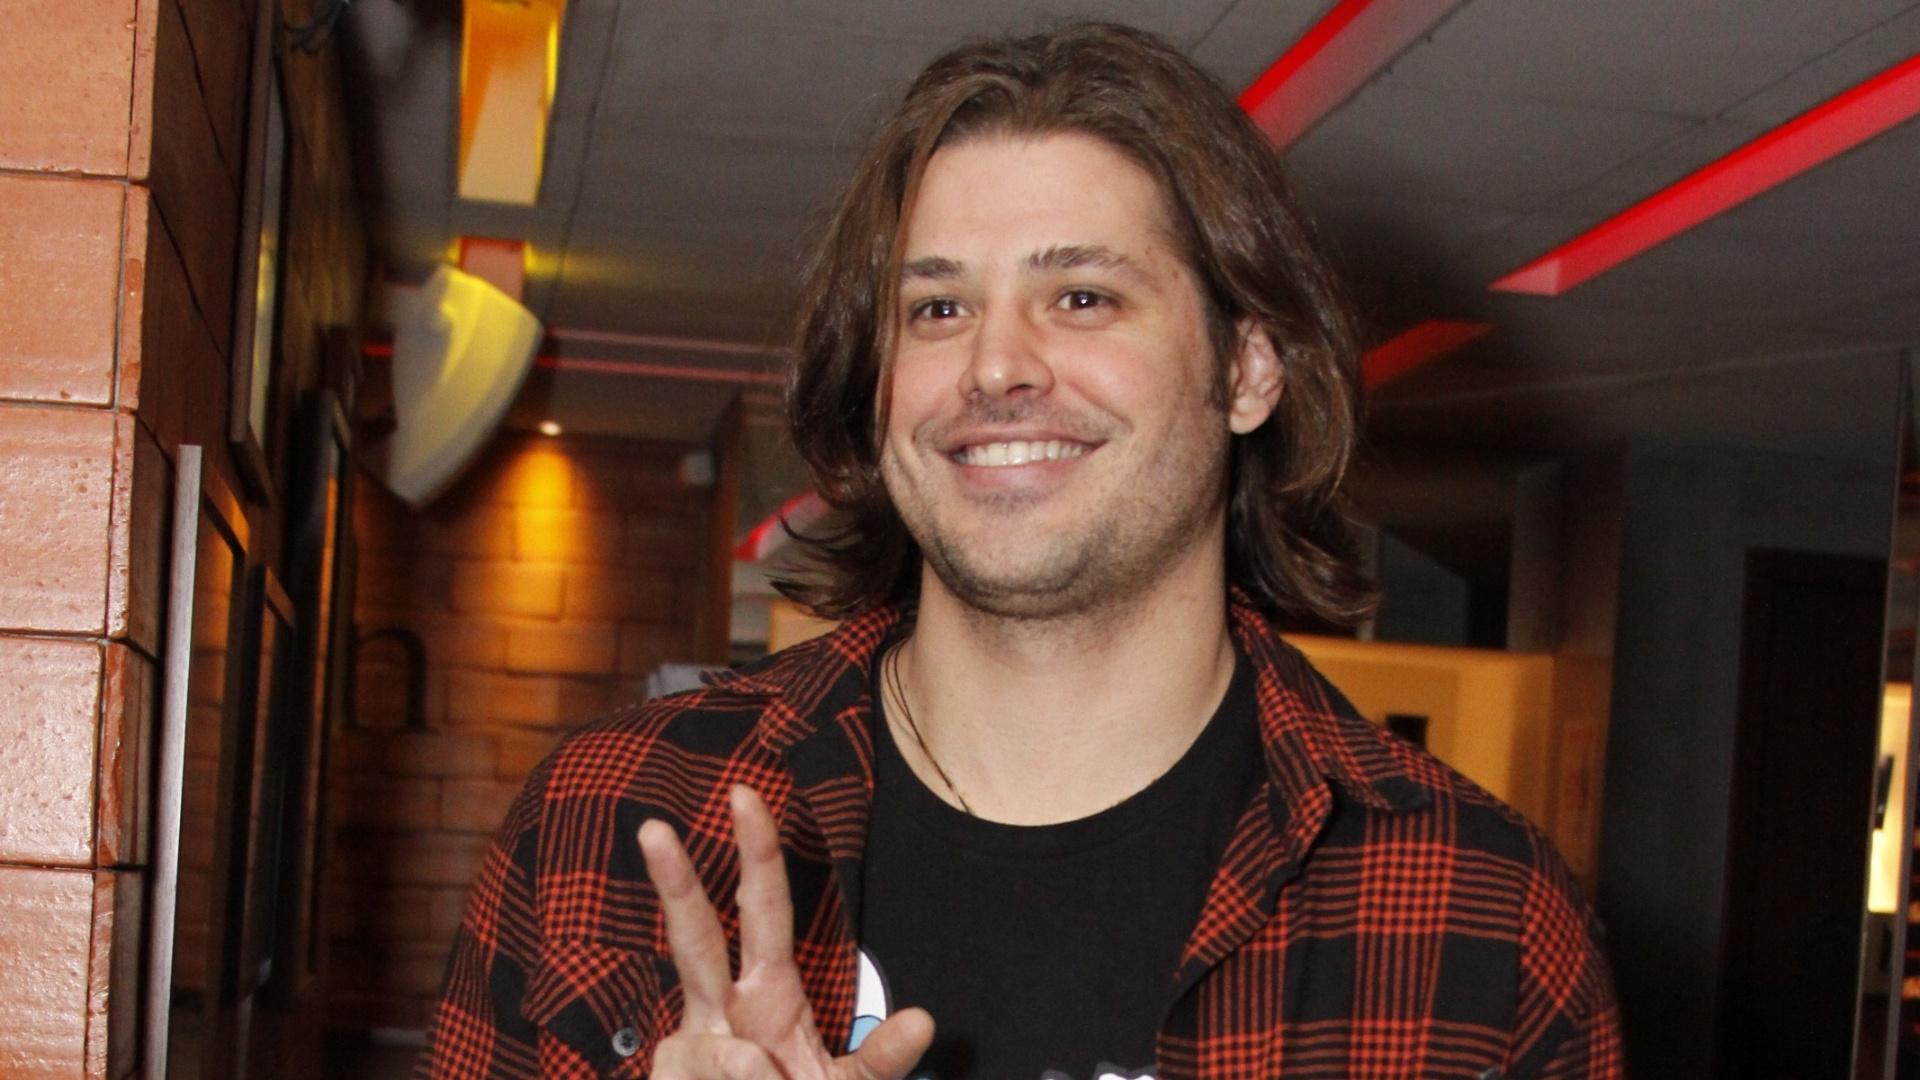 13.ago.2012 - Dado Dolabella em uma festa no Barzin, no Rio de Janeiro